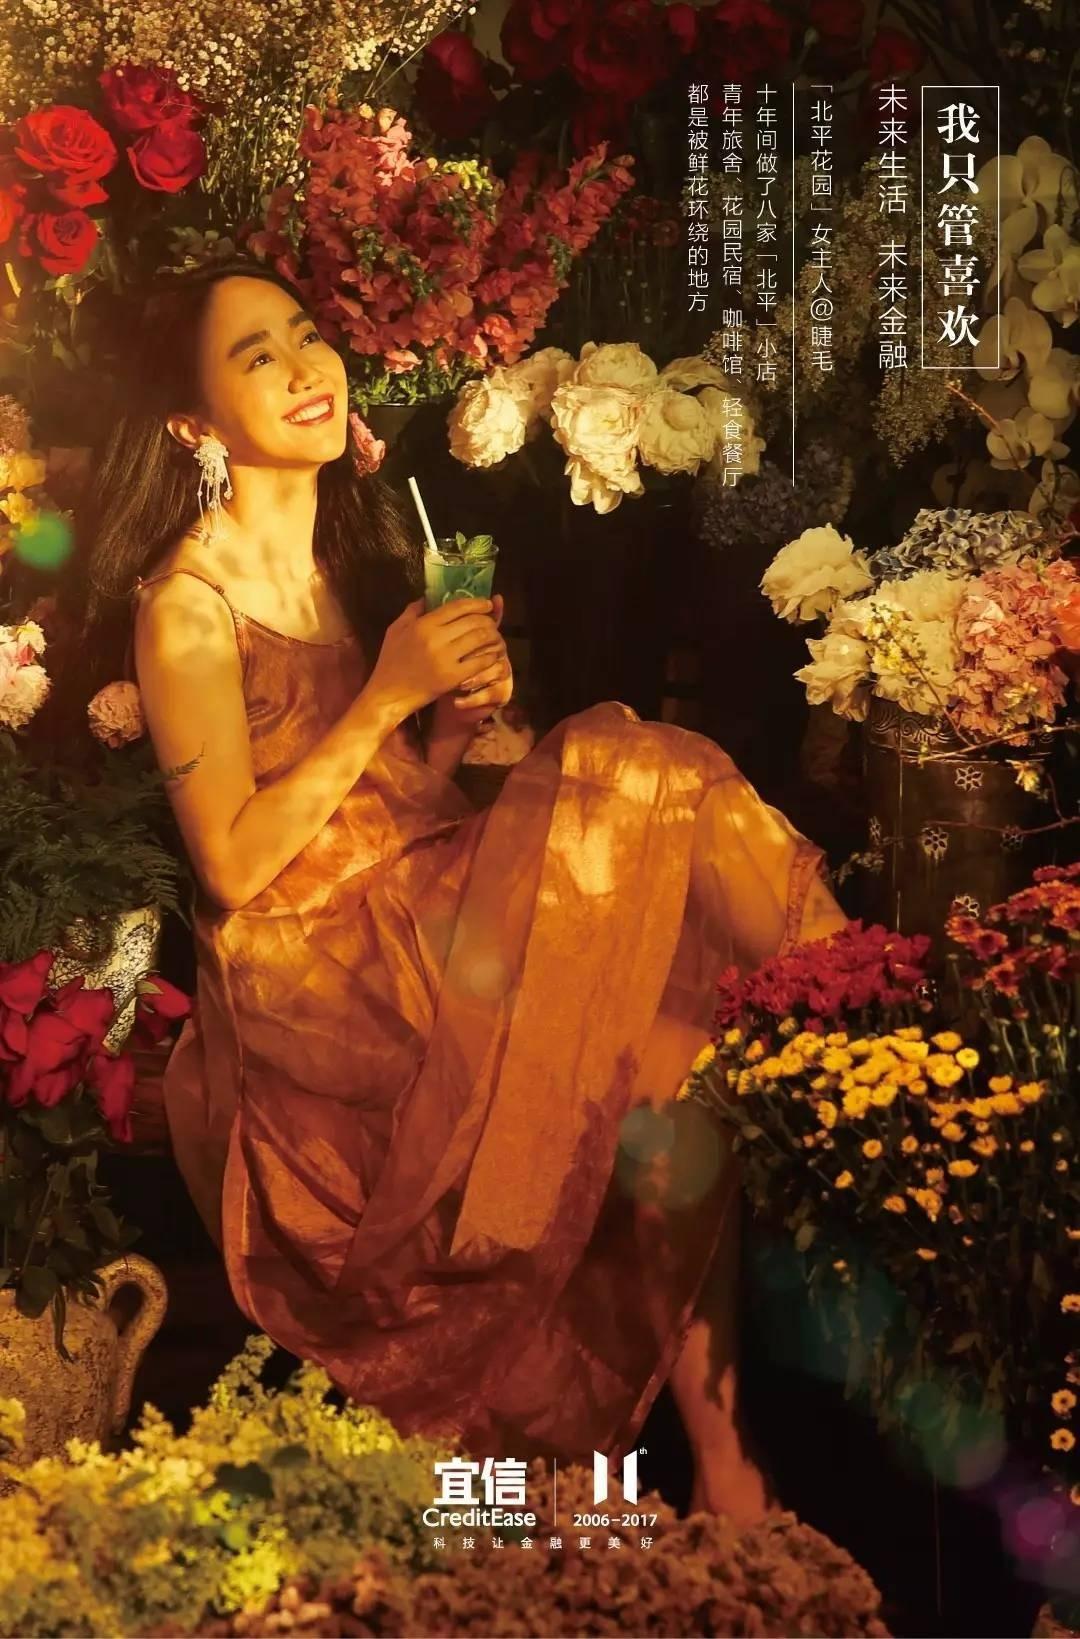 三观 - Magazine cover